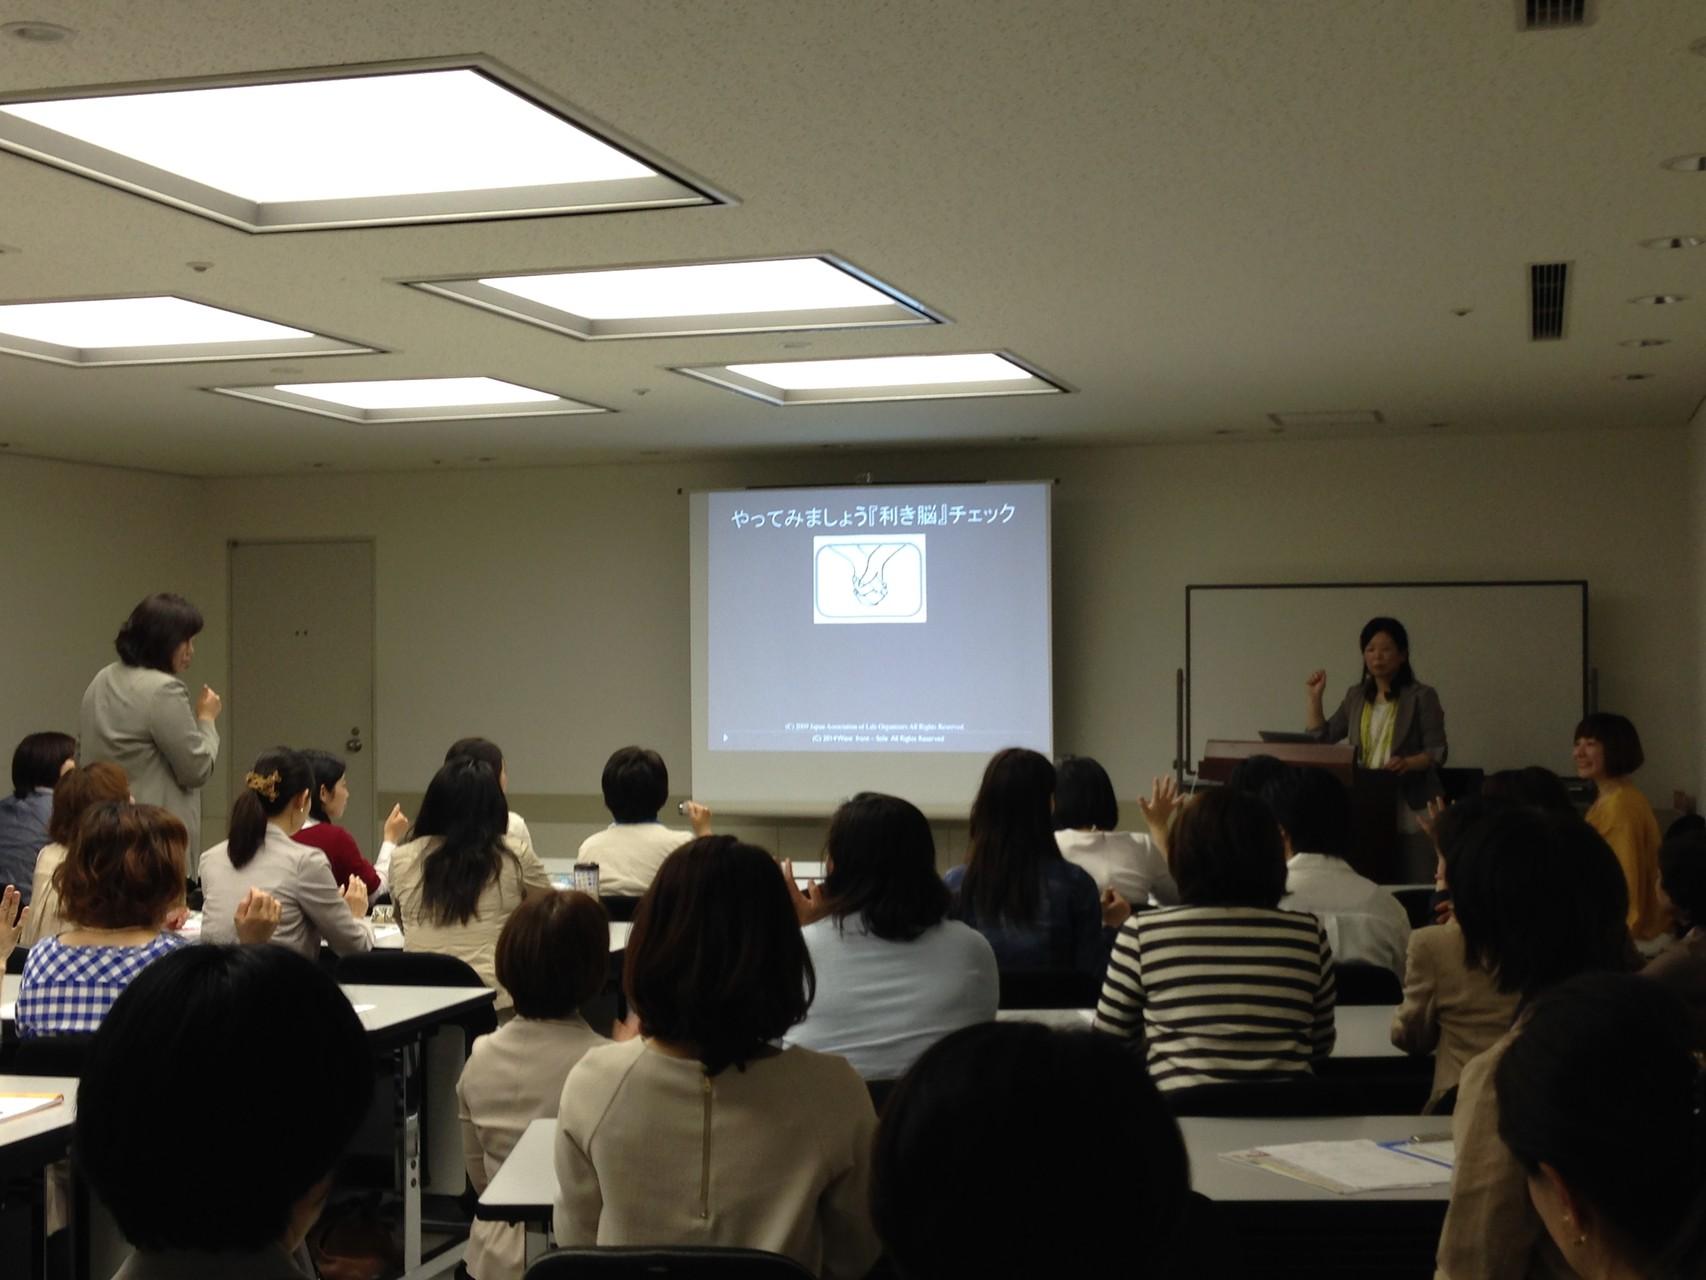 吉本理事の基調講演